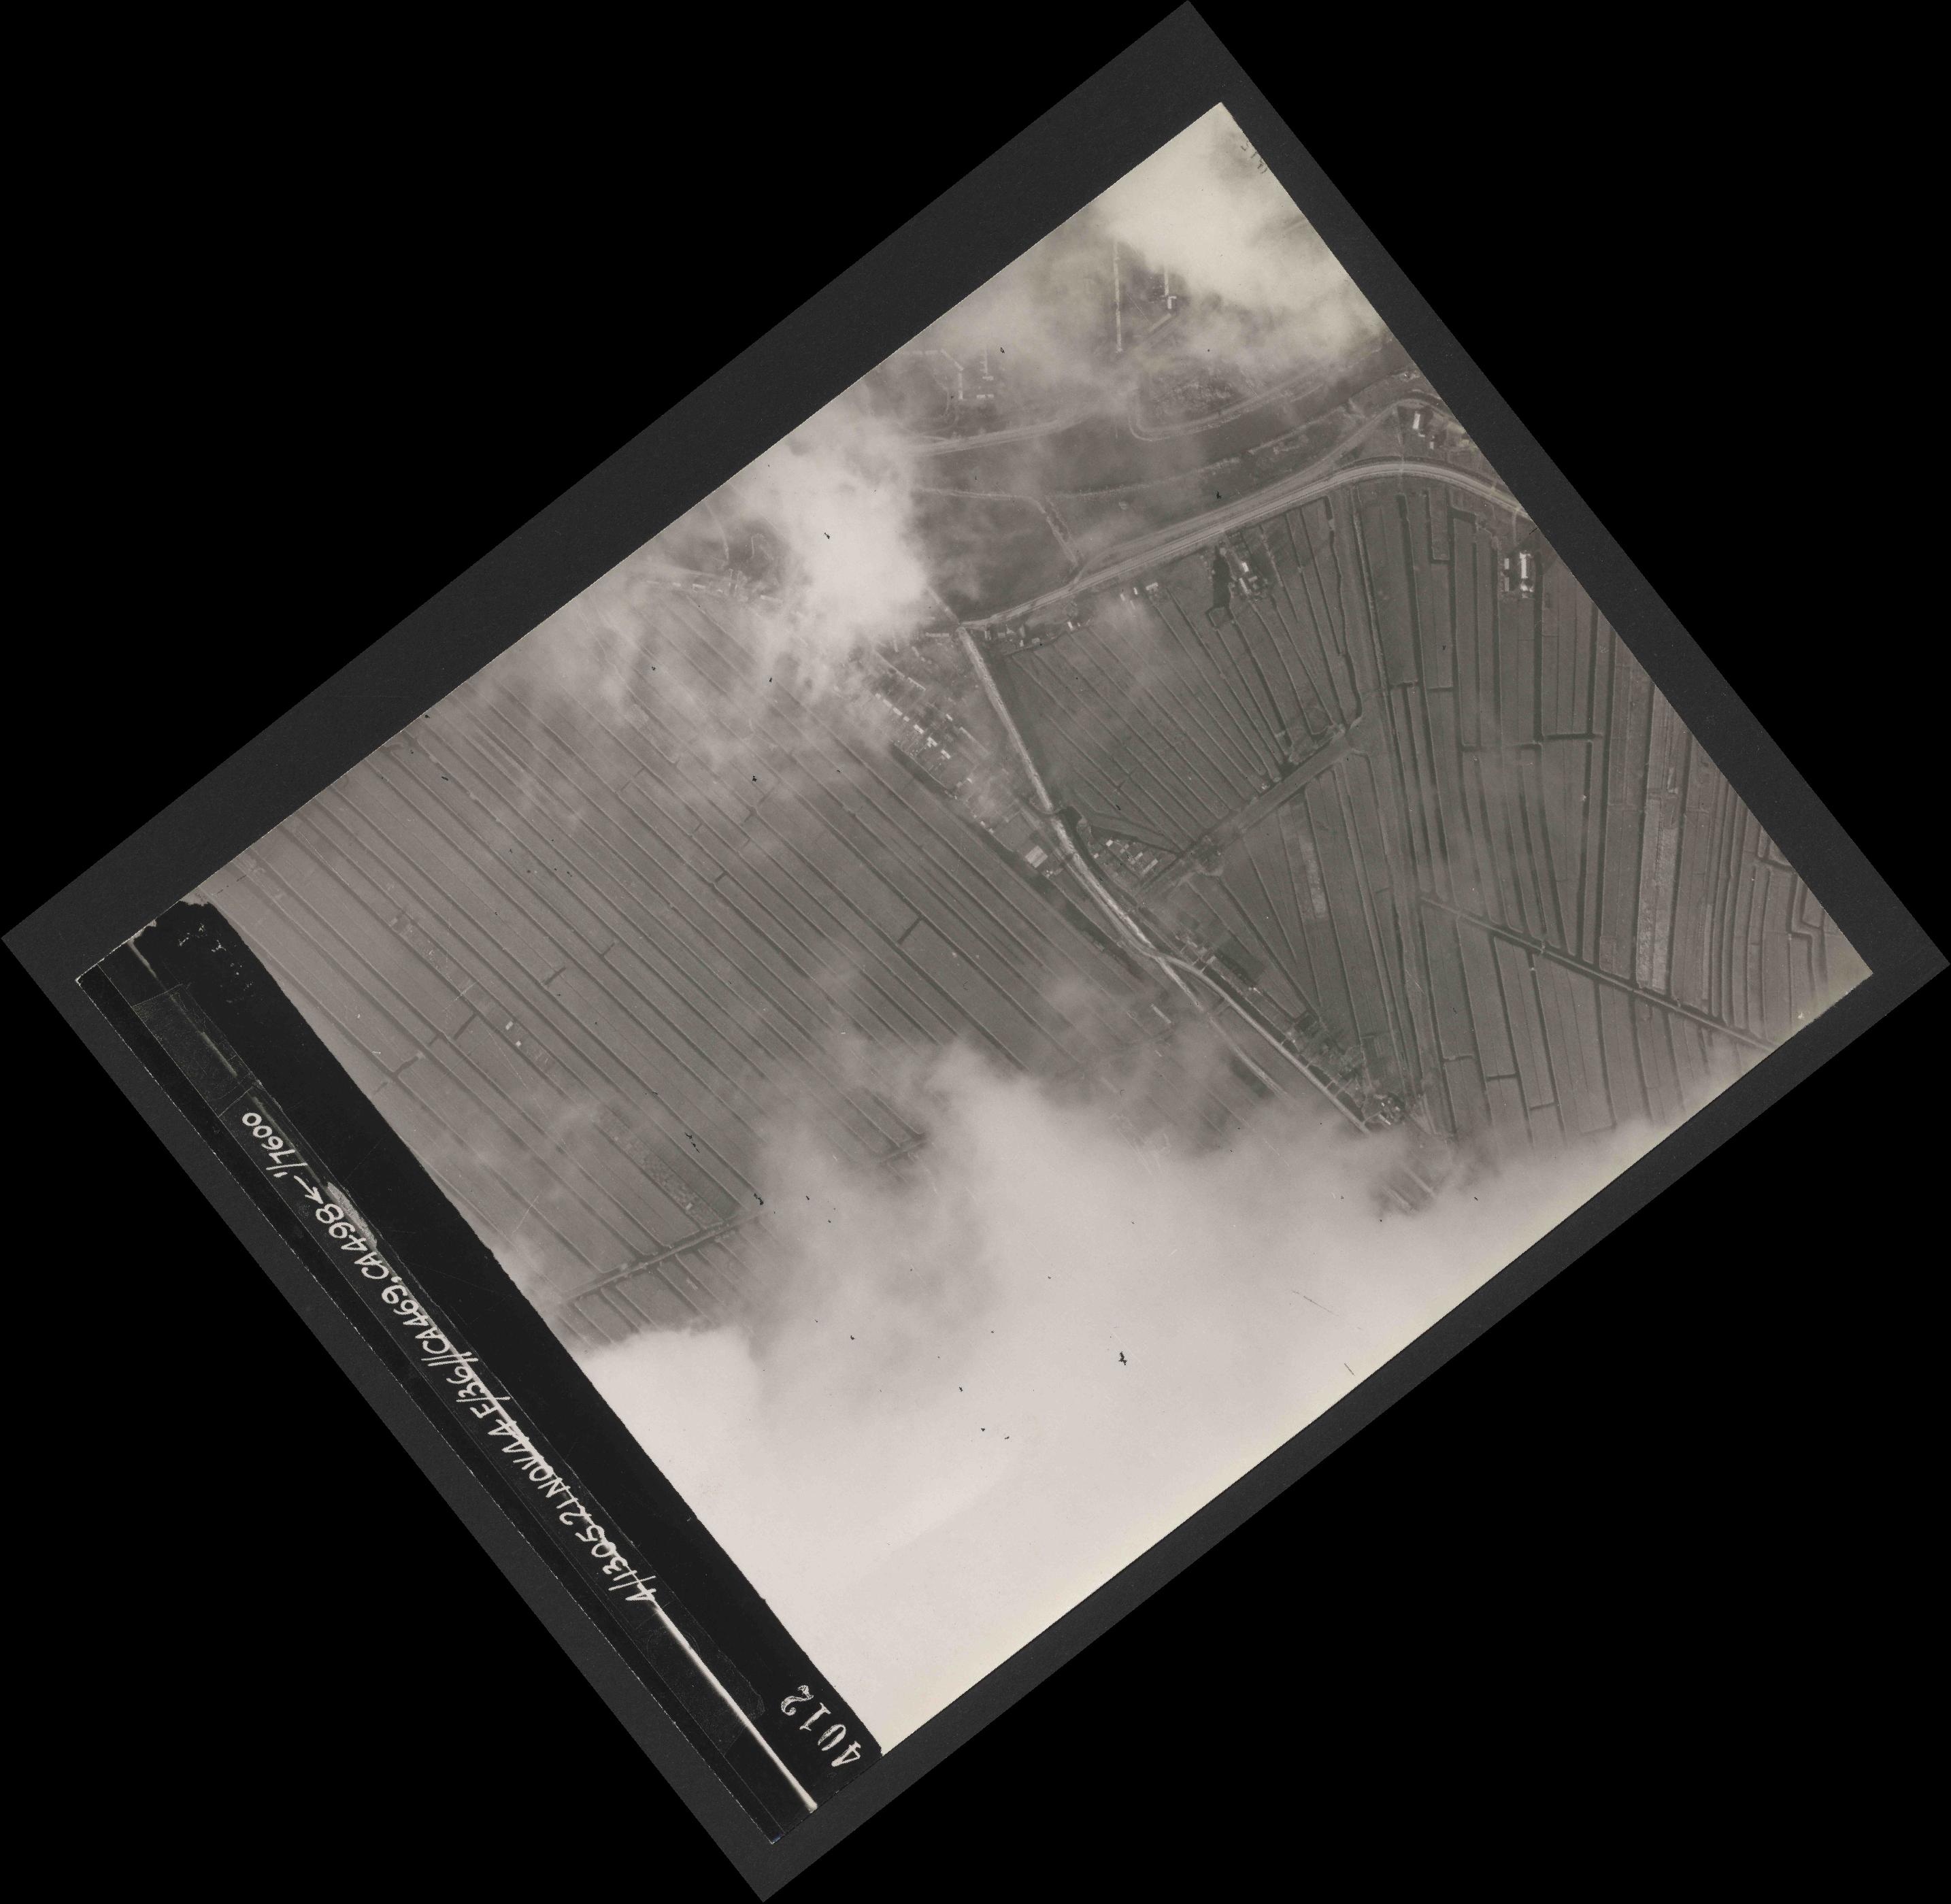 Collection RAF aerial photos 1940-1945 - flight 237, run 12, photo 4012